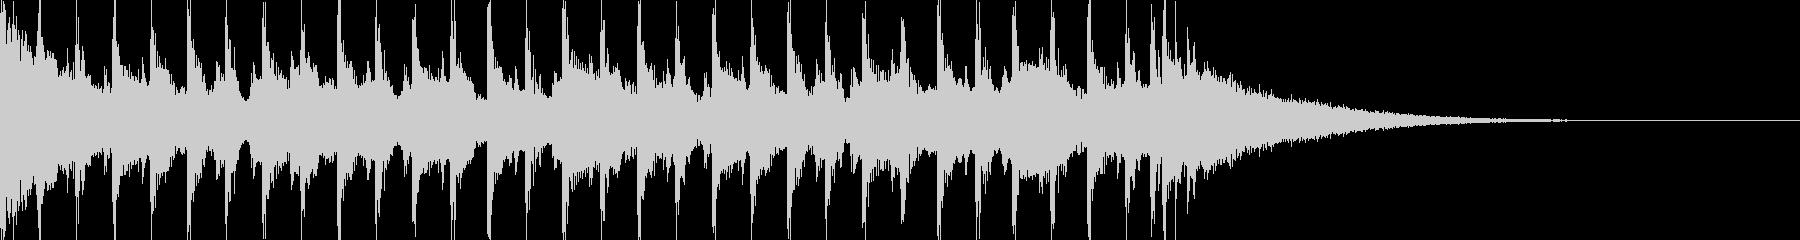 15秒CM可愛いウクレレ/口笛/ノリノリの未再生の波形